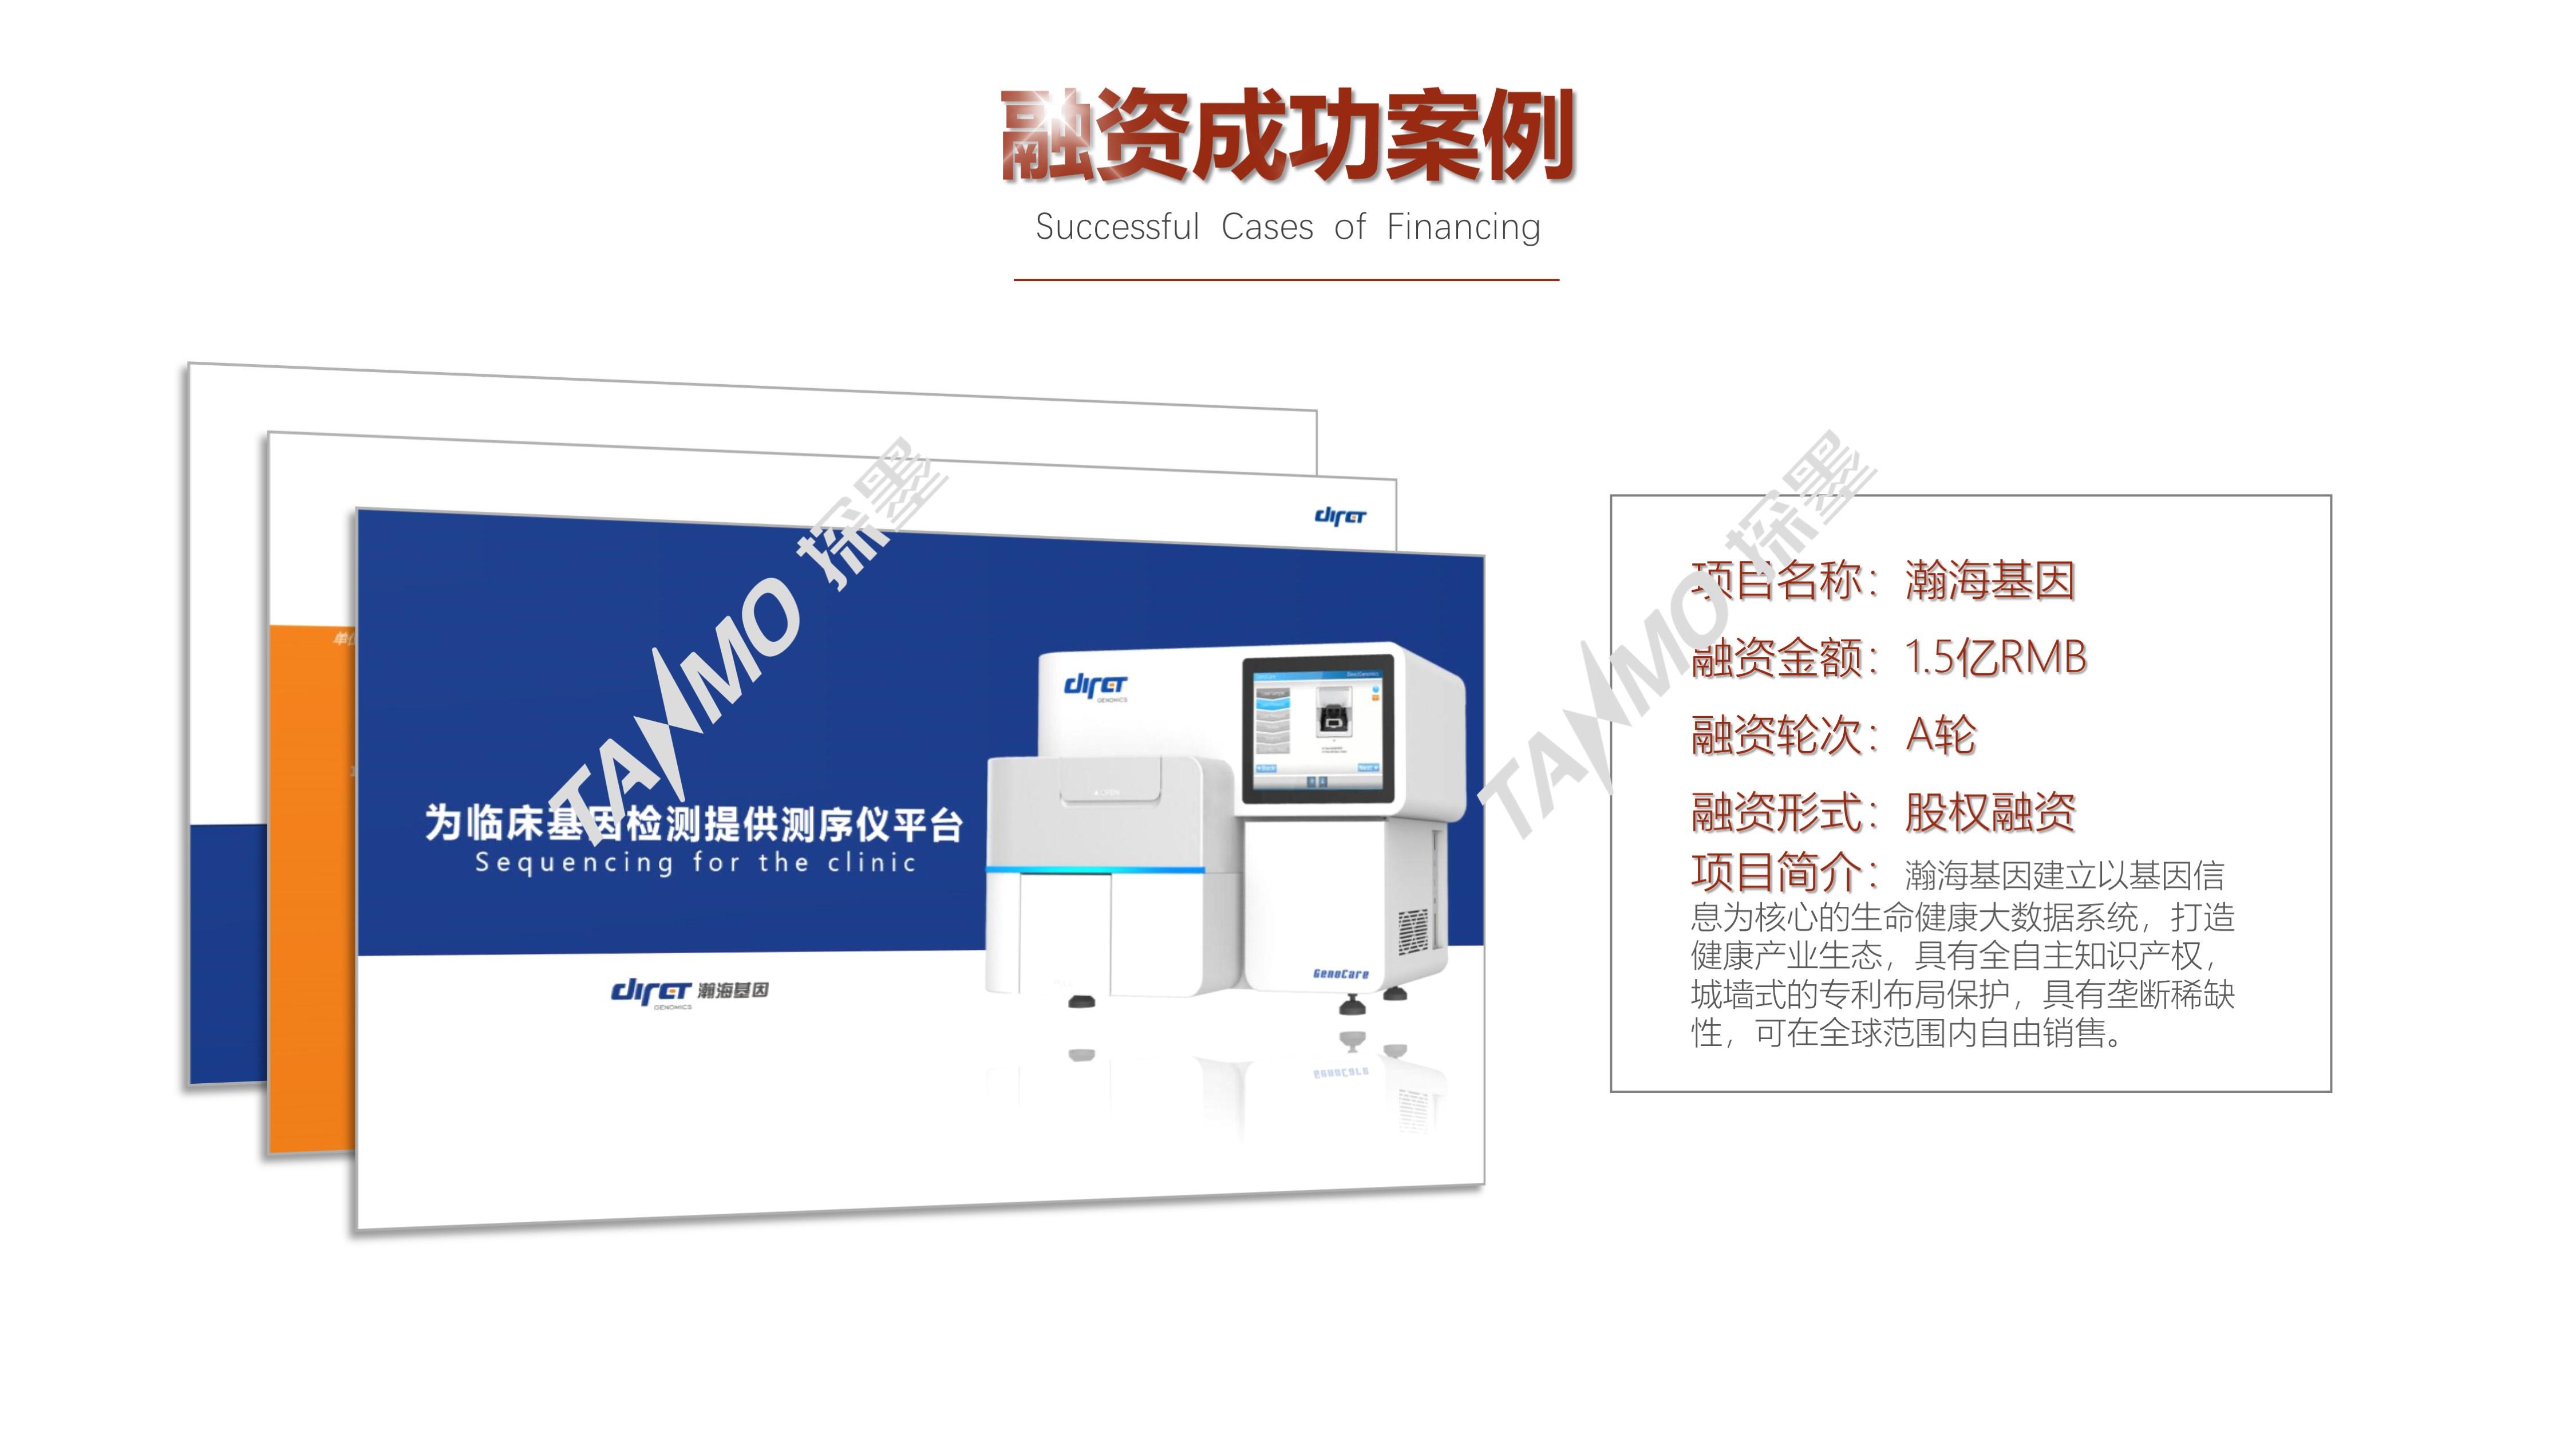 策划方案PPT产品路演PPT幻灯片设计招商PPT企业活动